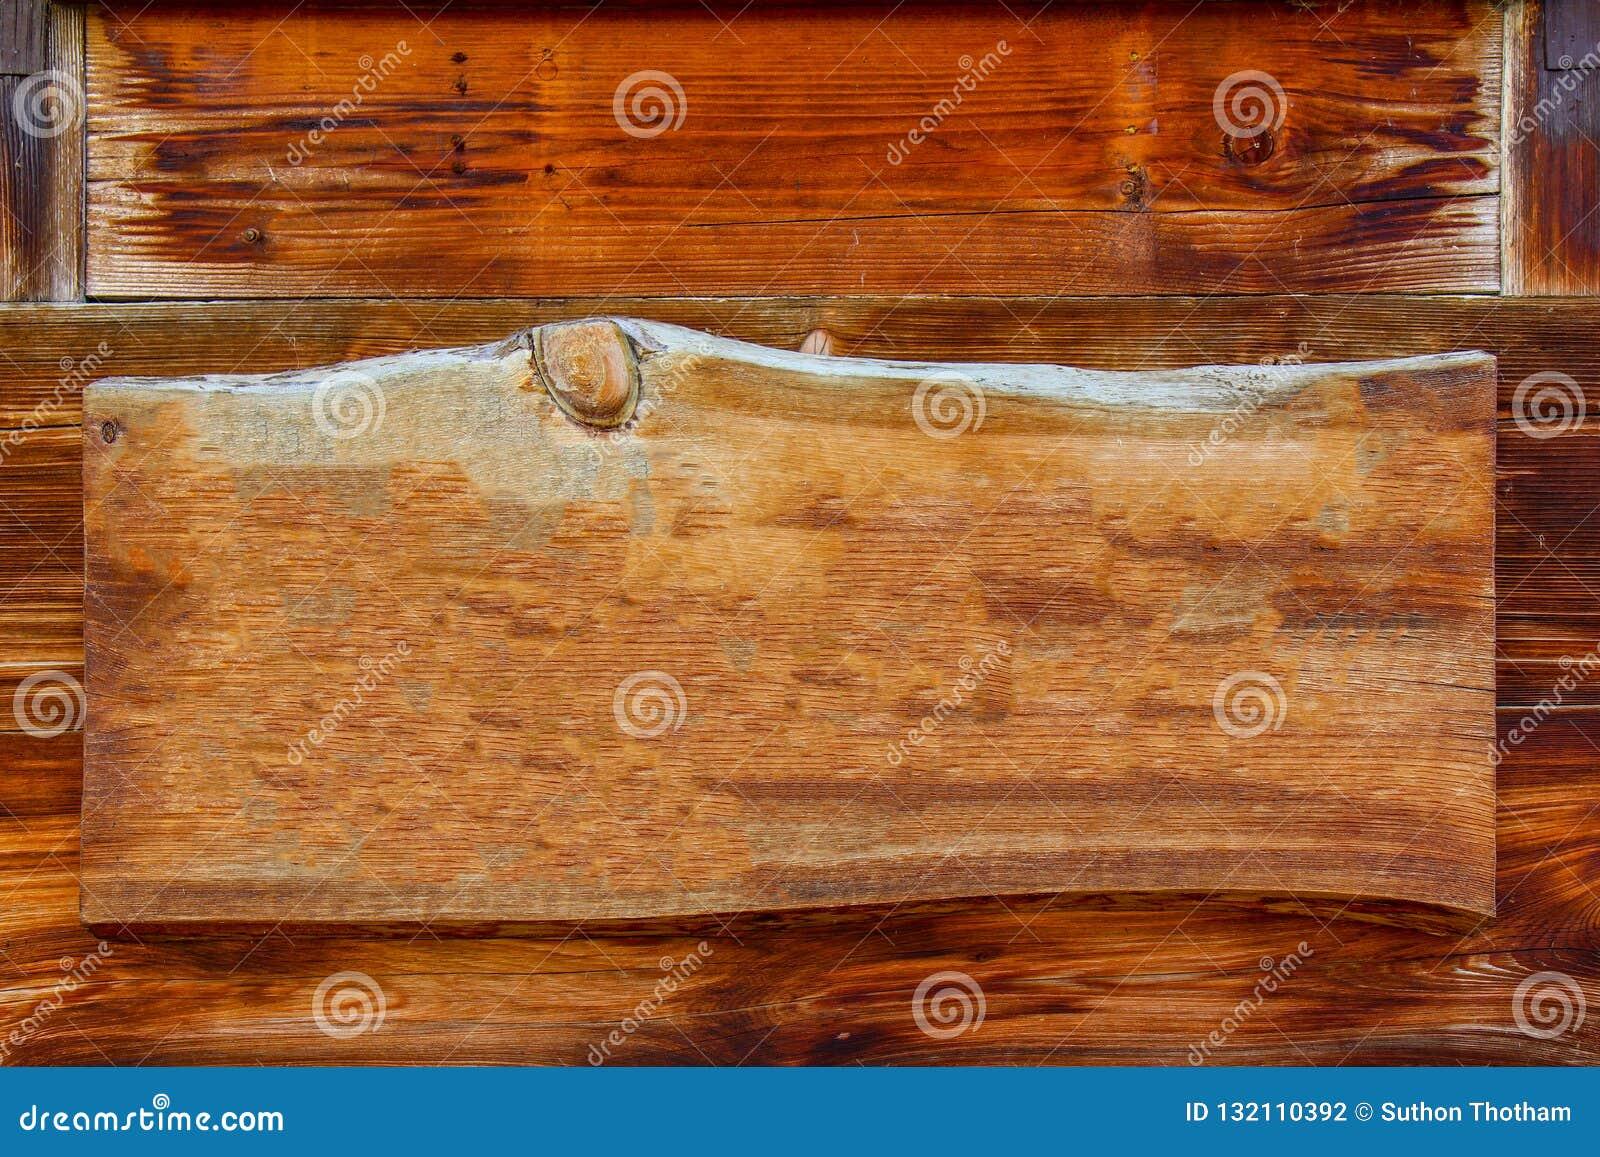 Enseigne en bois avec accrocher sur des planches